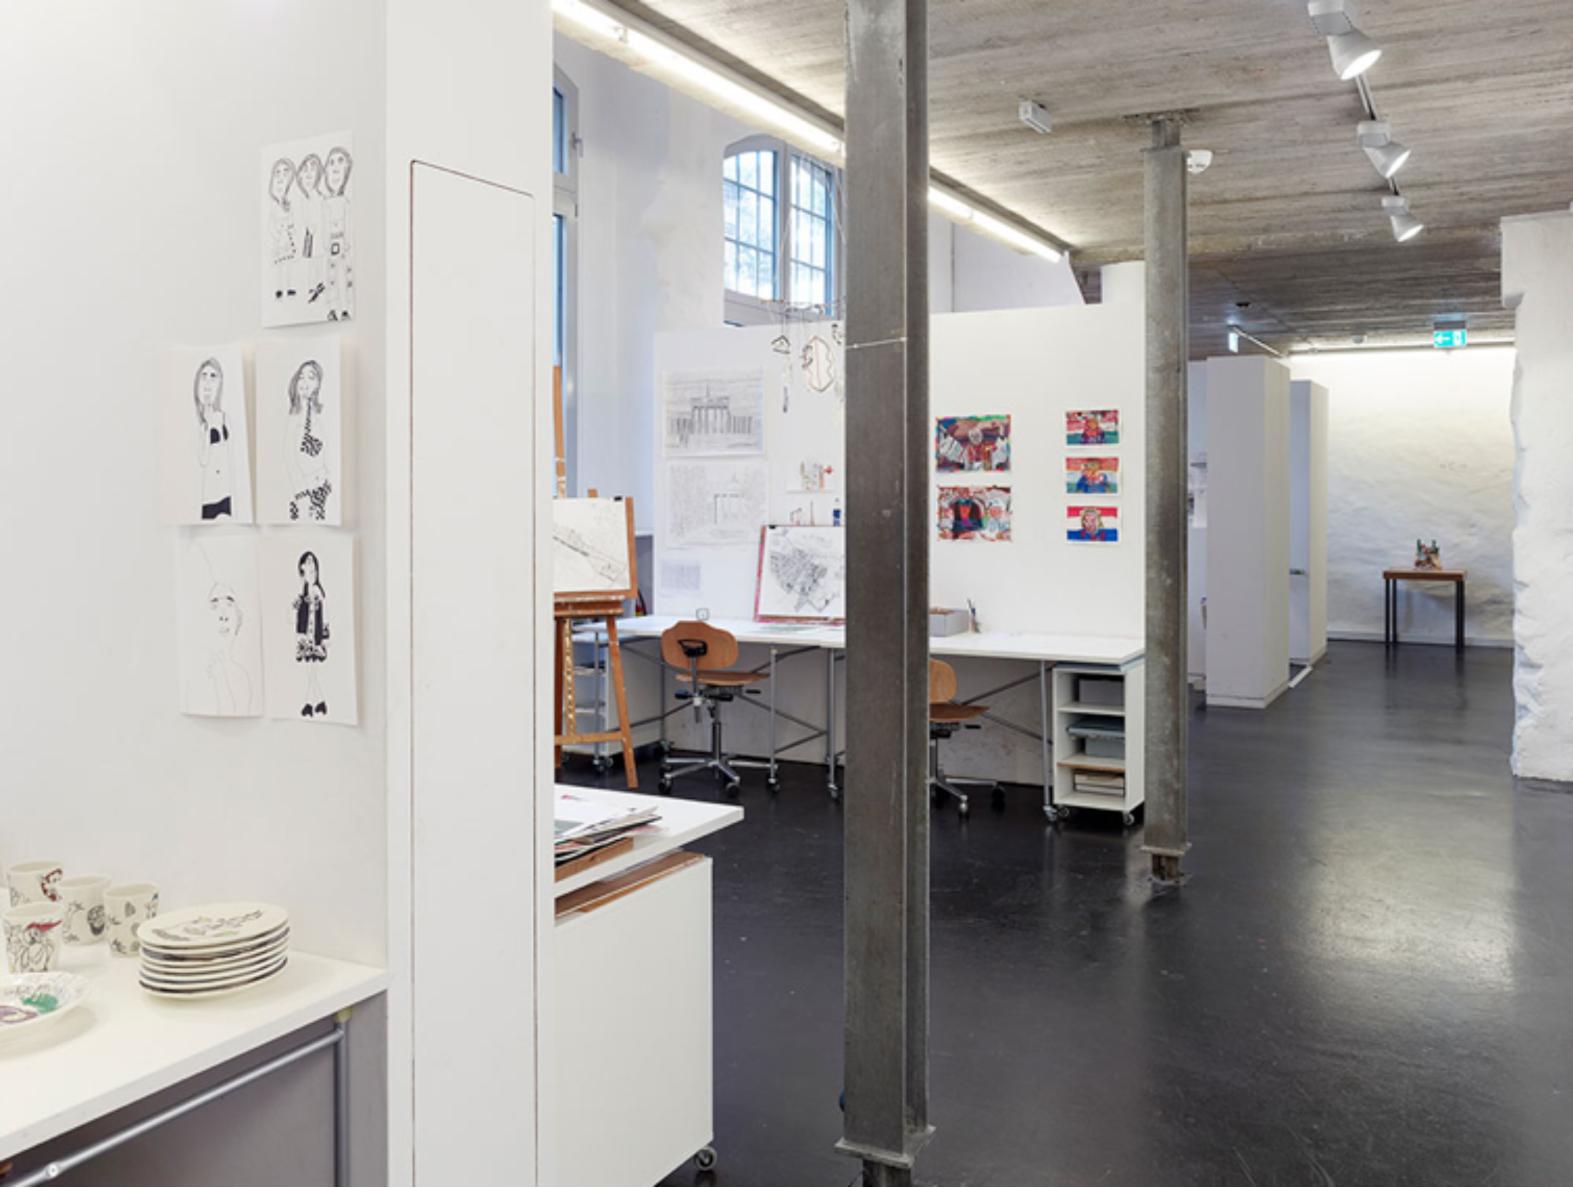 L'espace atelier du rez-de-chaussée, avec ses panneaux isolants amovibles. Photo : Simon Vogel